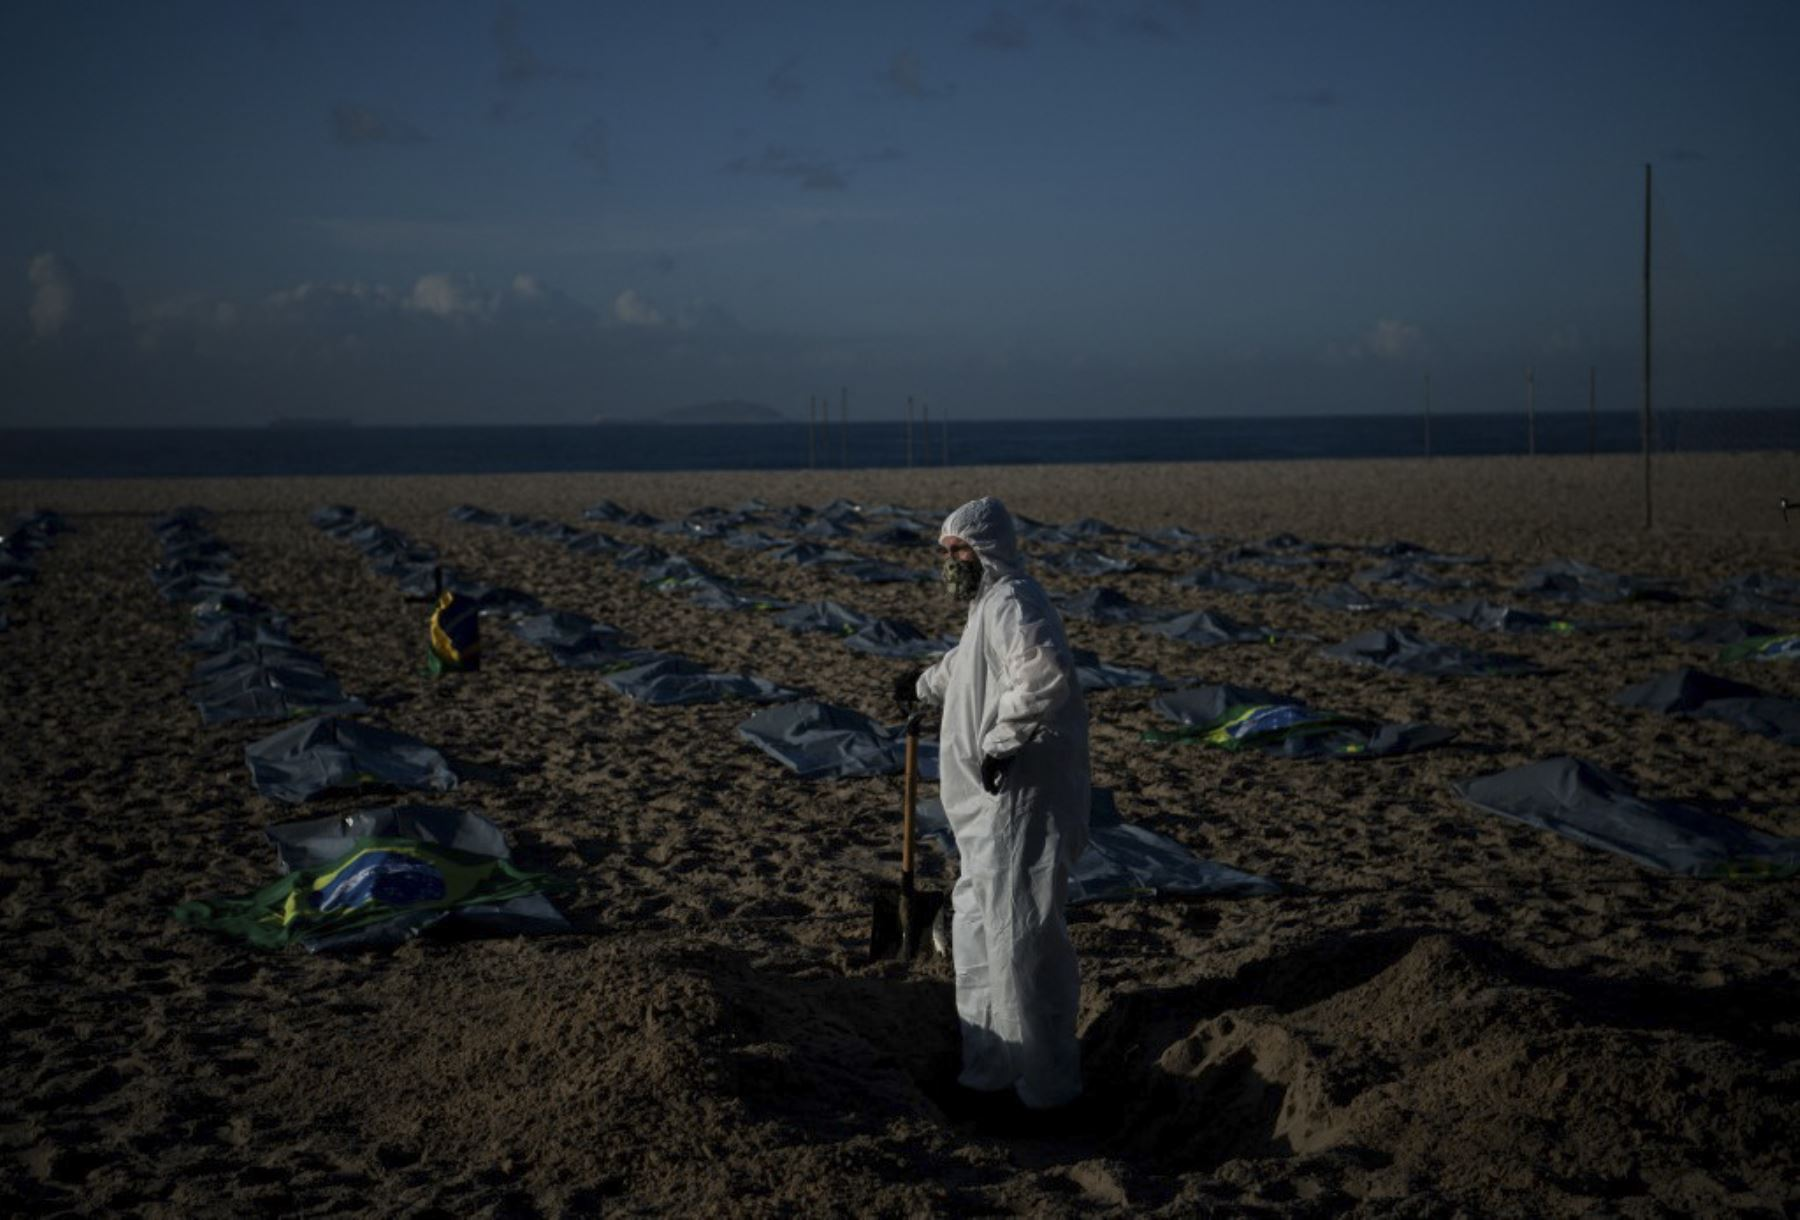 Un manifestante del grupo activista de derechos humanos de Río de Paz cava una tumba simbólica frente a filas de bolsas que simbolizan bolsas para cadáveres en la playa de Copacabana, durante una protesta contra el manejo del gobierno brasileño de la pandemia de coronavirus, en Río de Janeiro. Foto: AFP